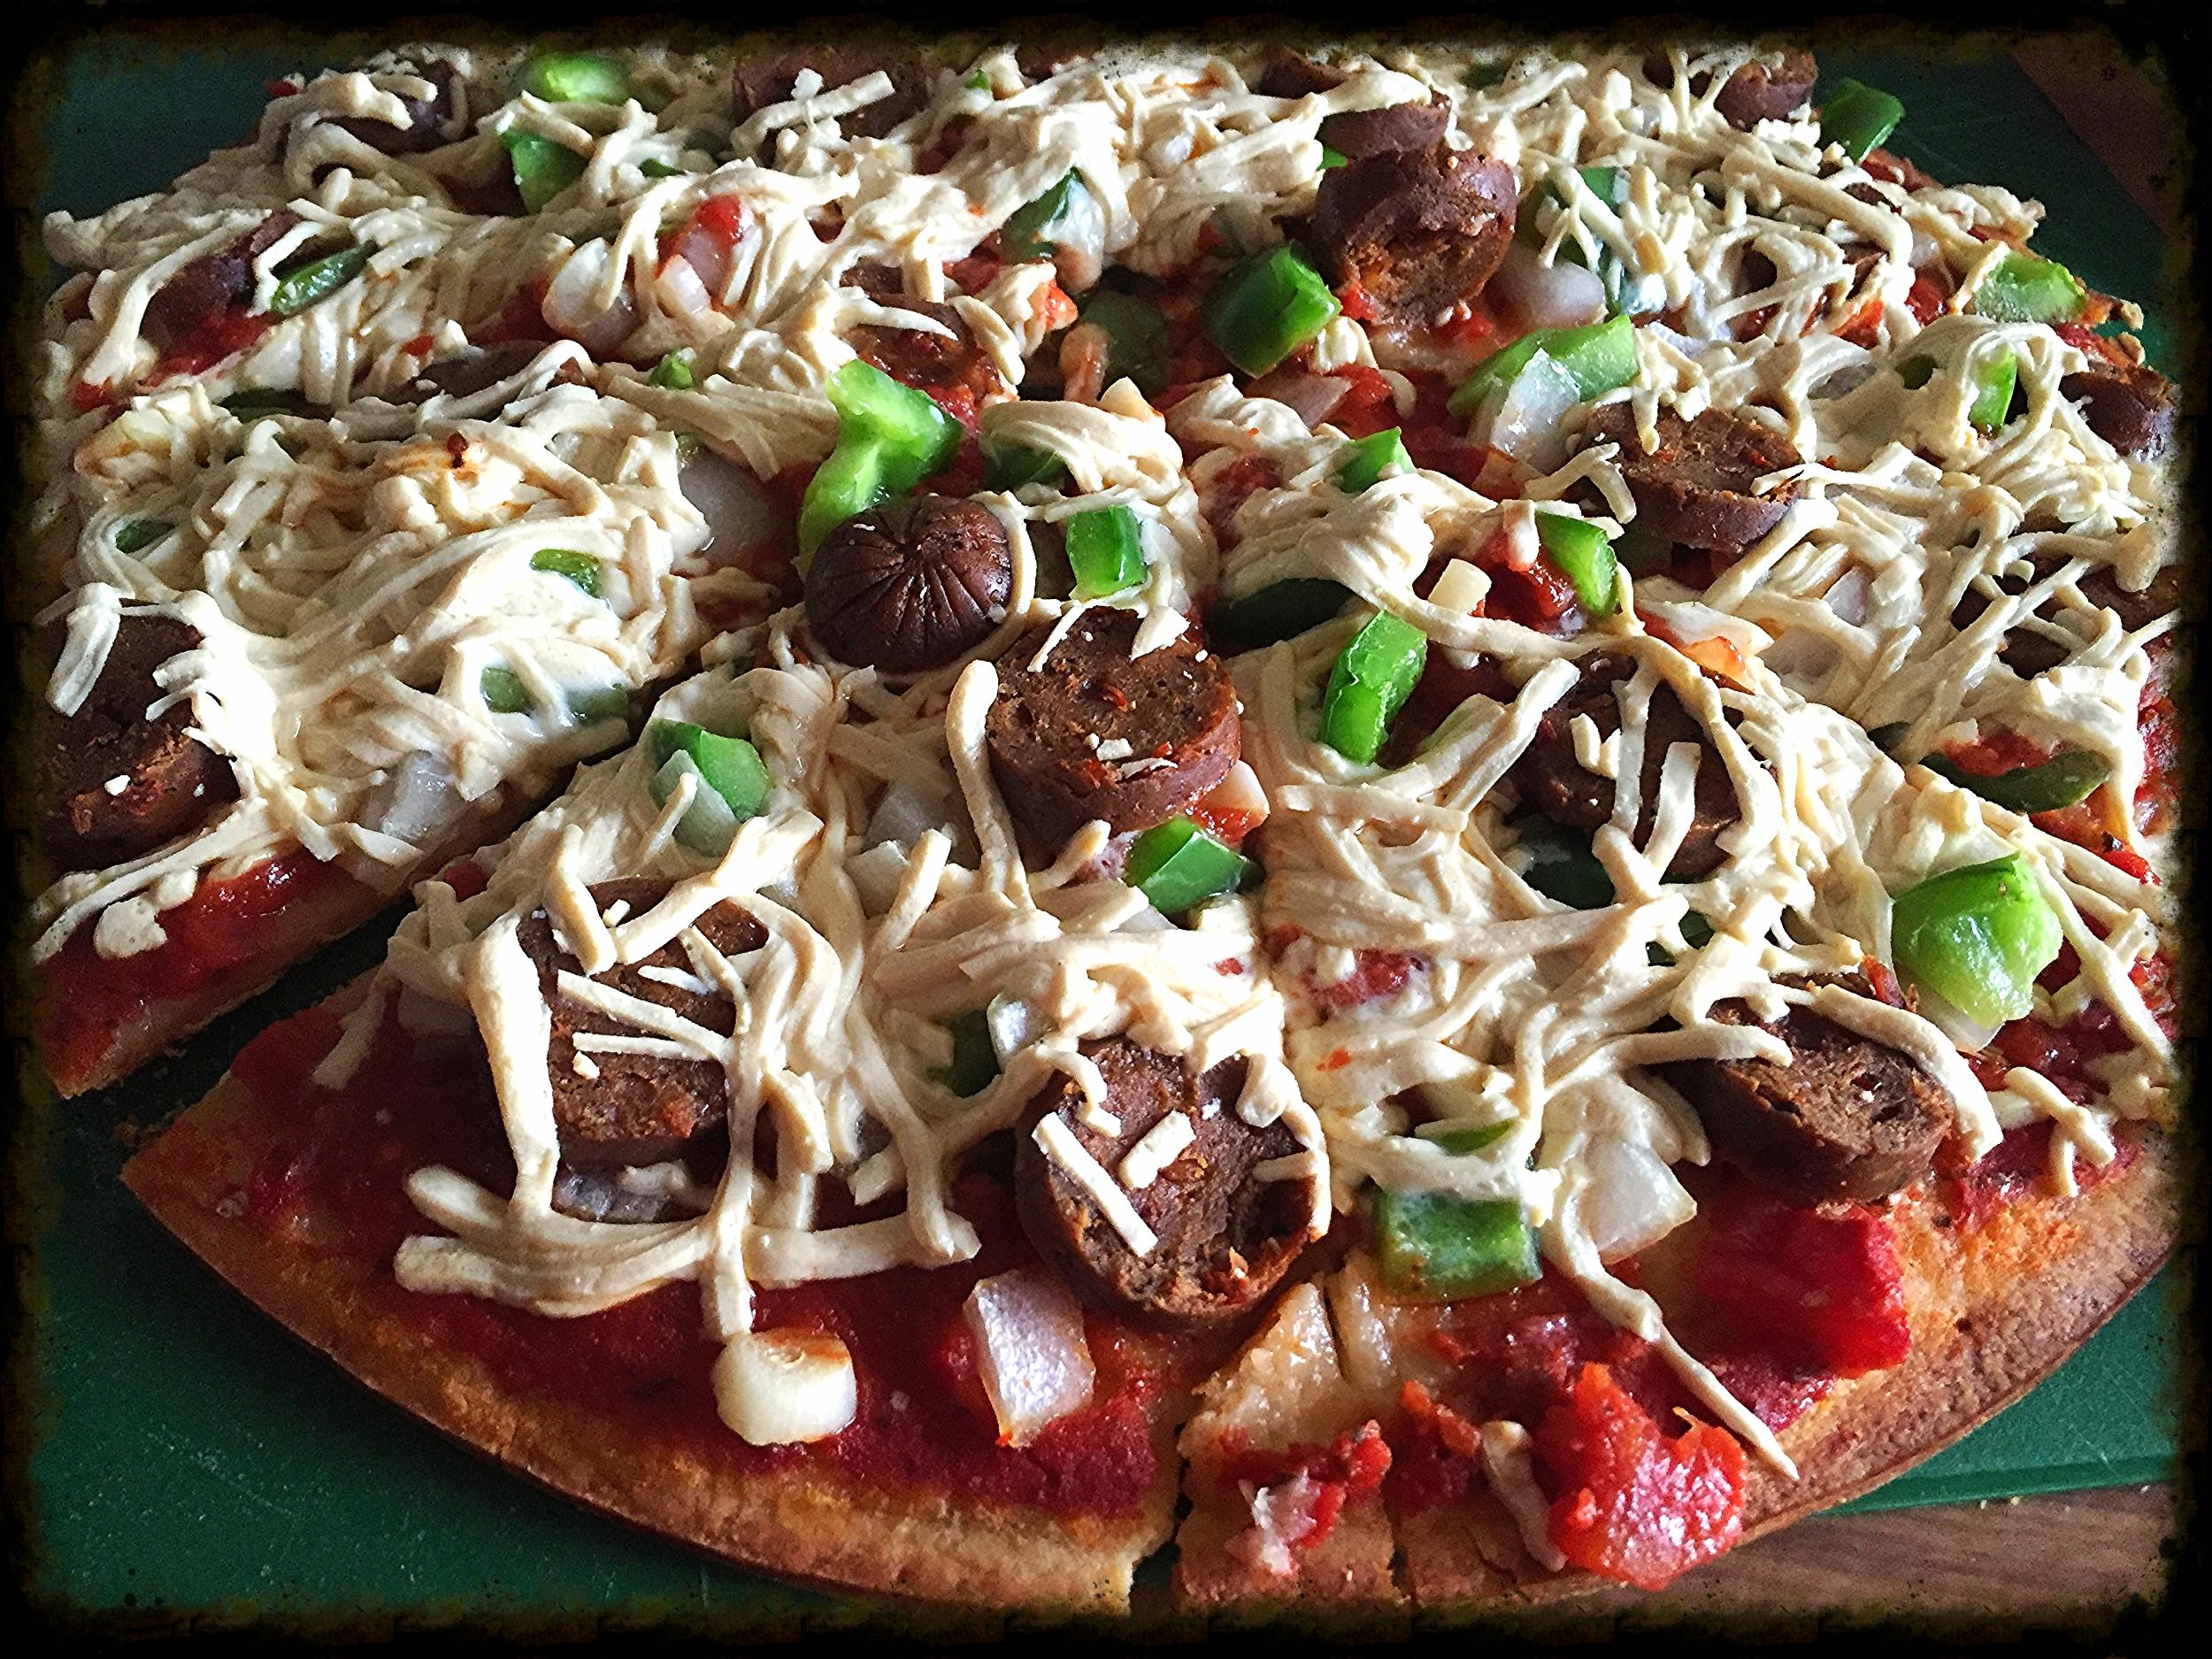 VeganHomemadePizza